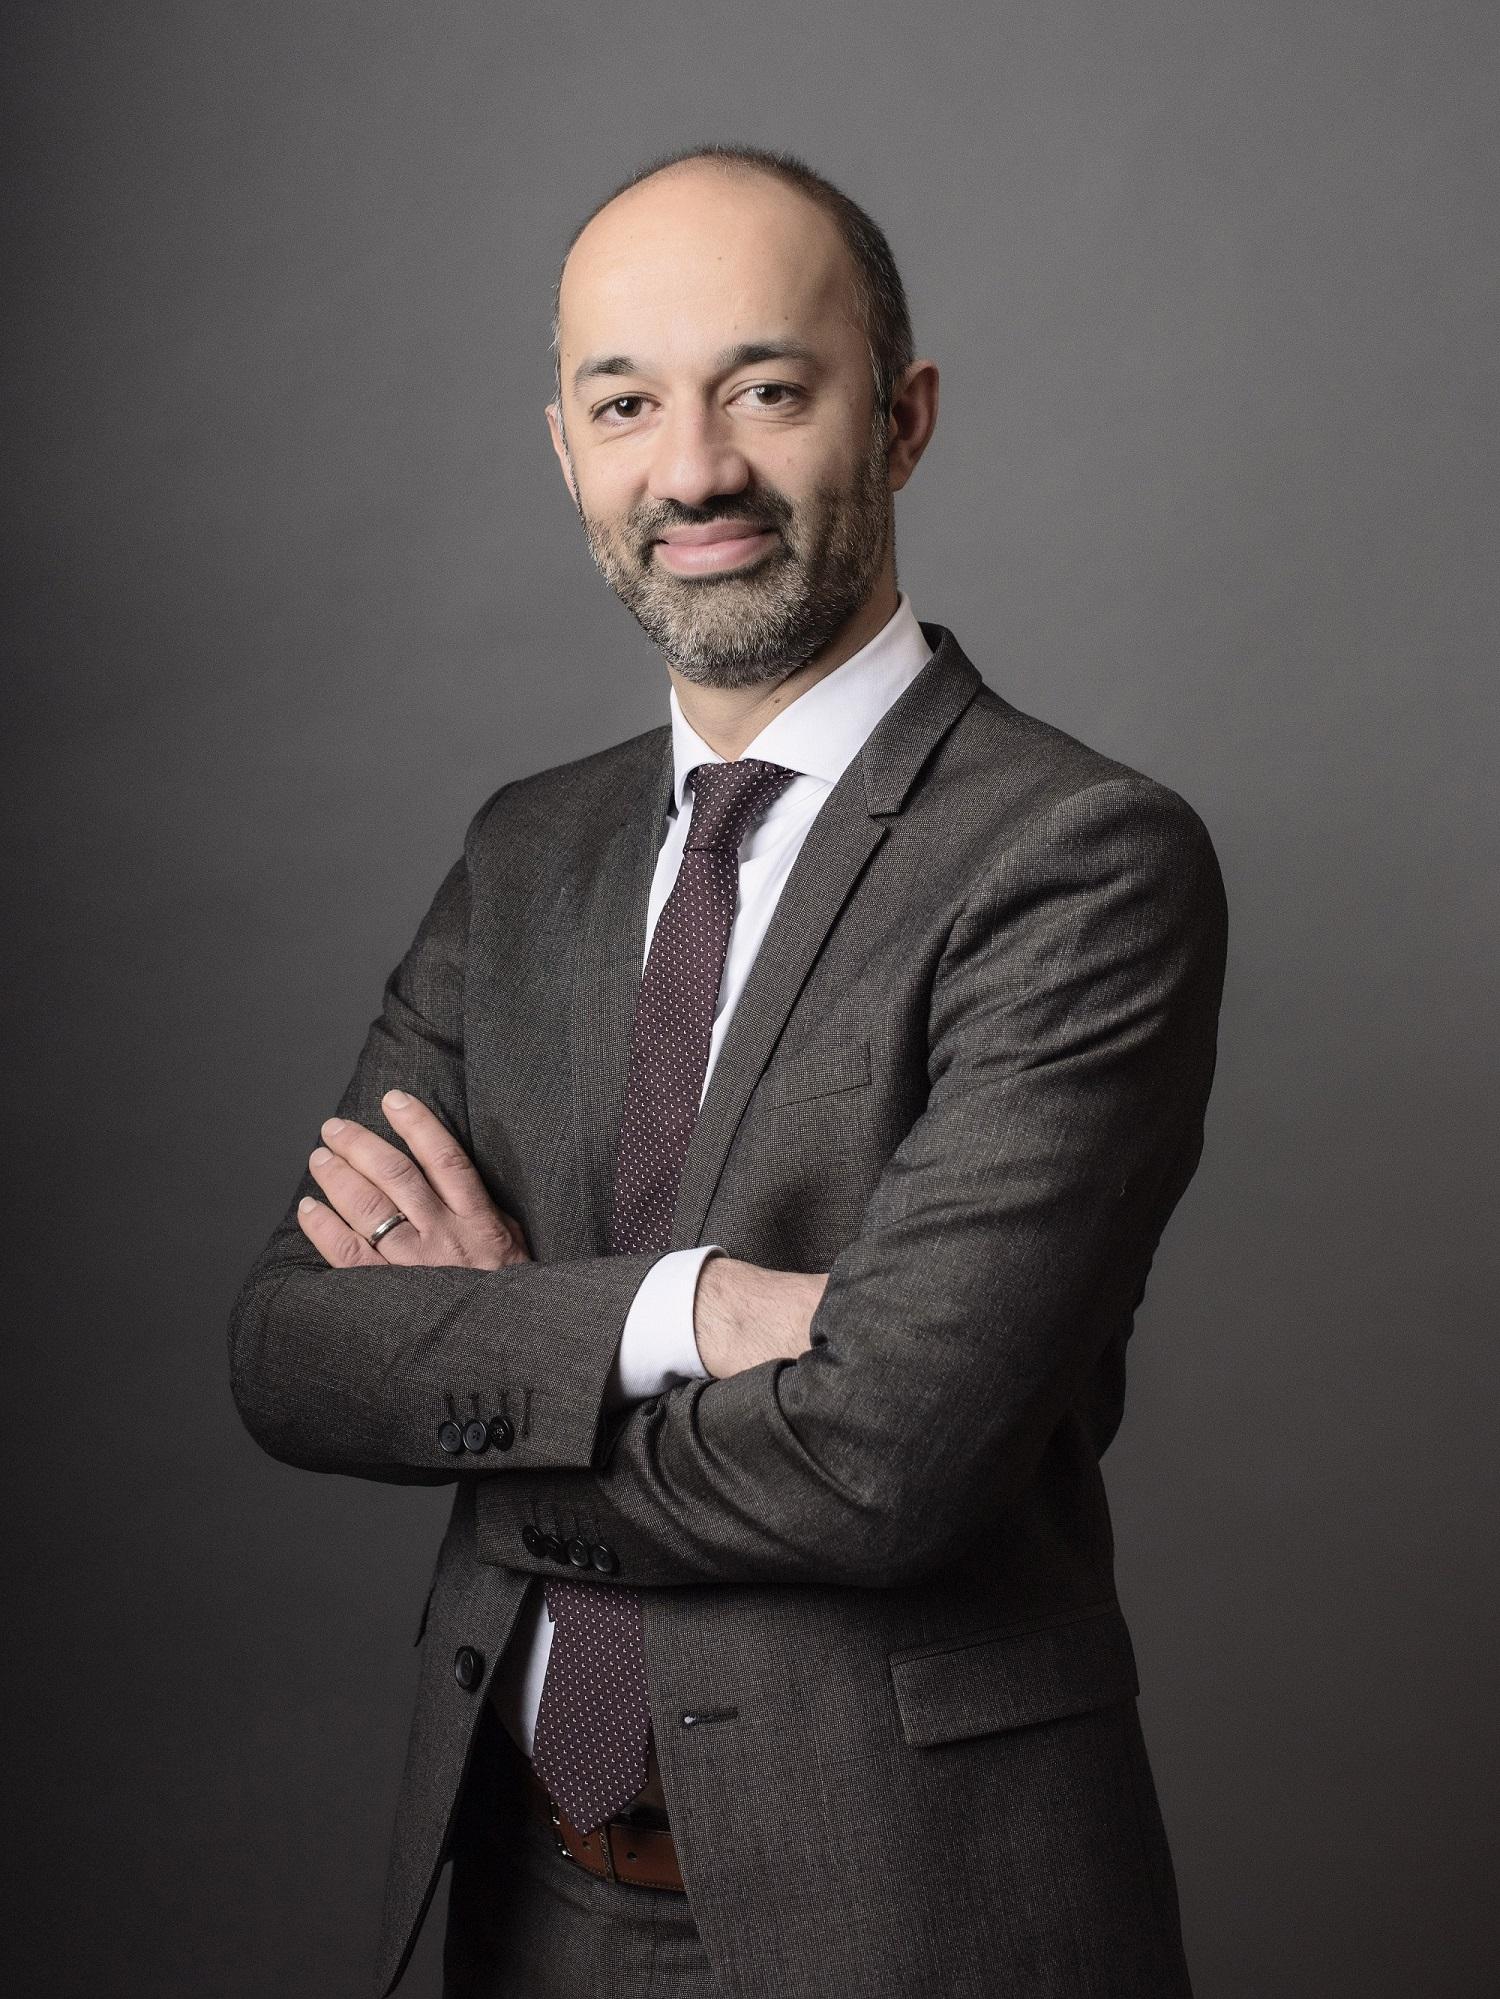 Omar Shokur